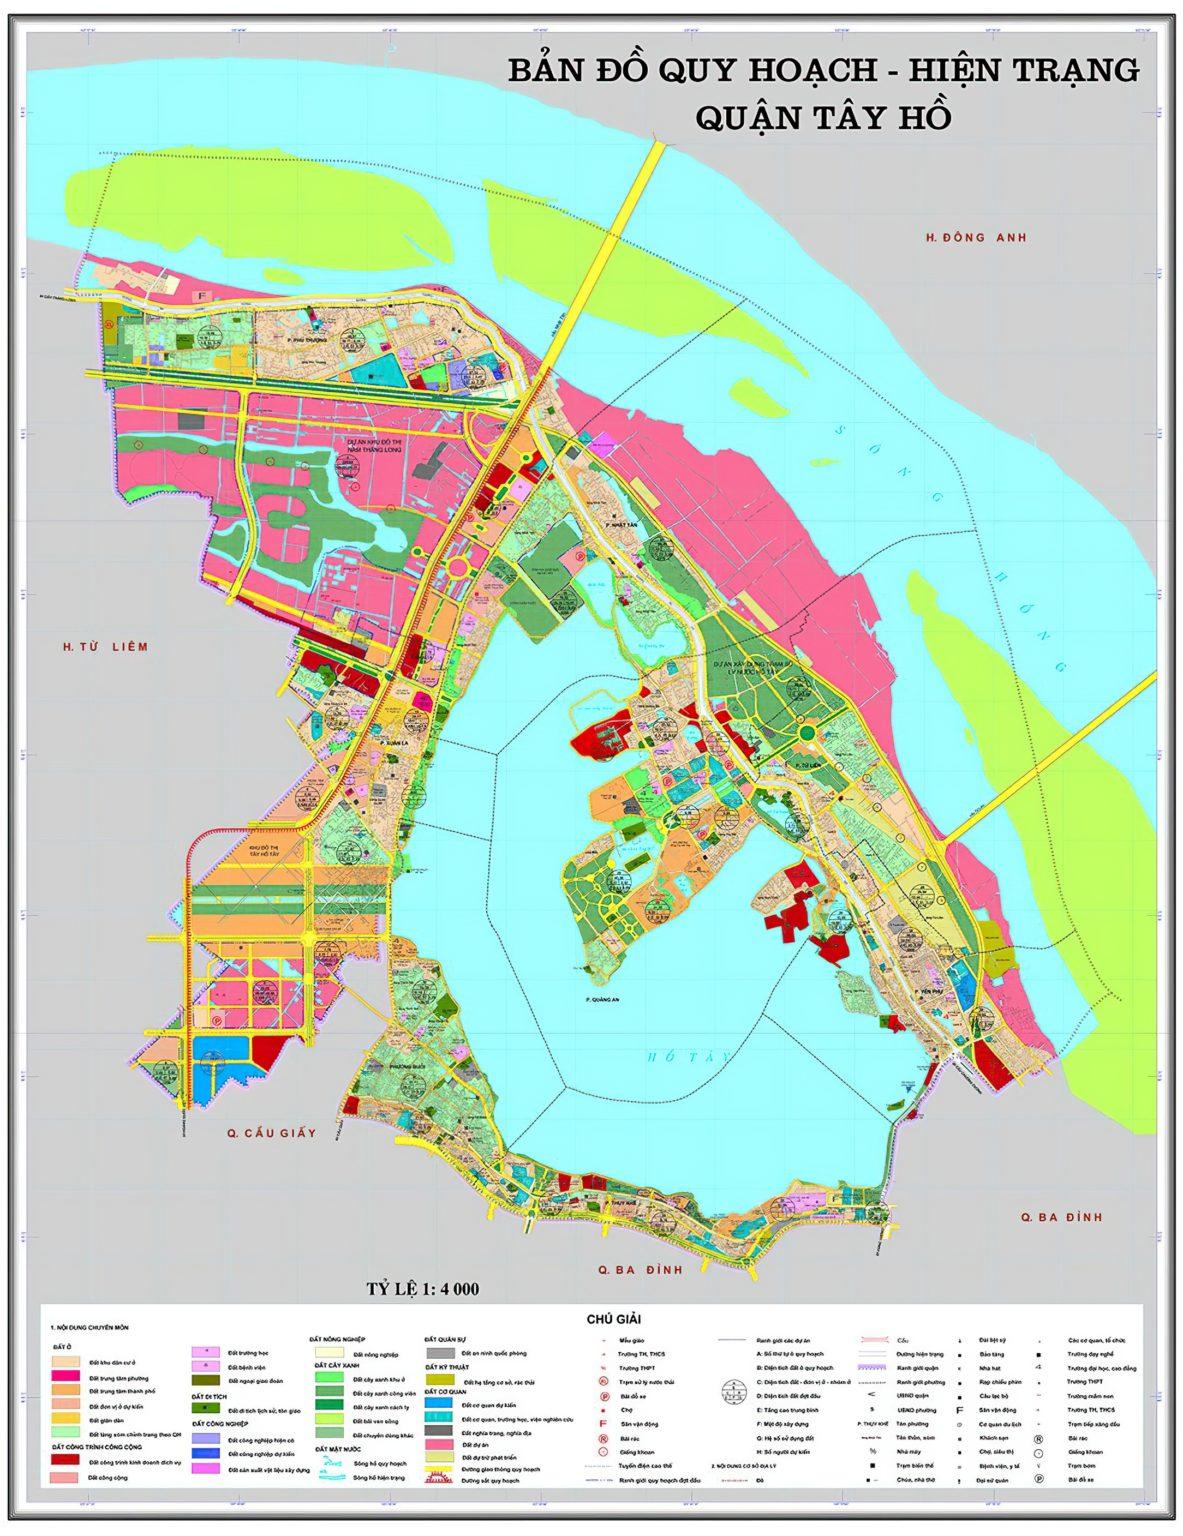 Bản đồ quy hoạch đô thị quận Tây Hồ – Hà Nội